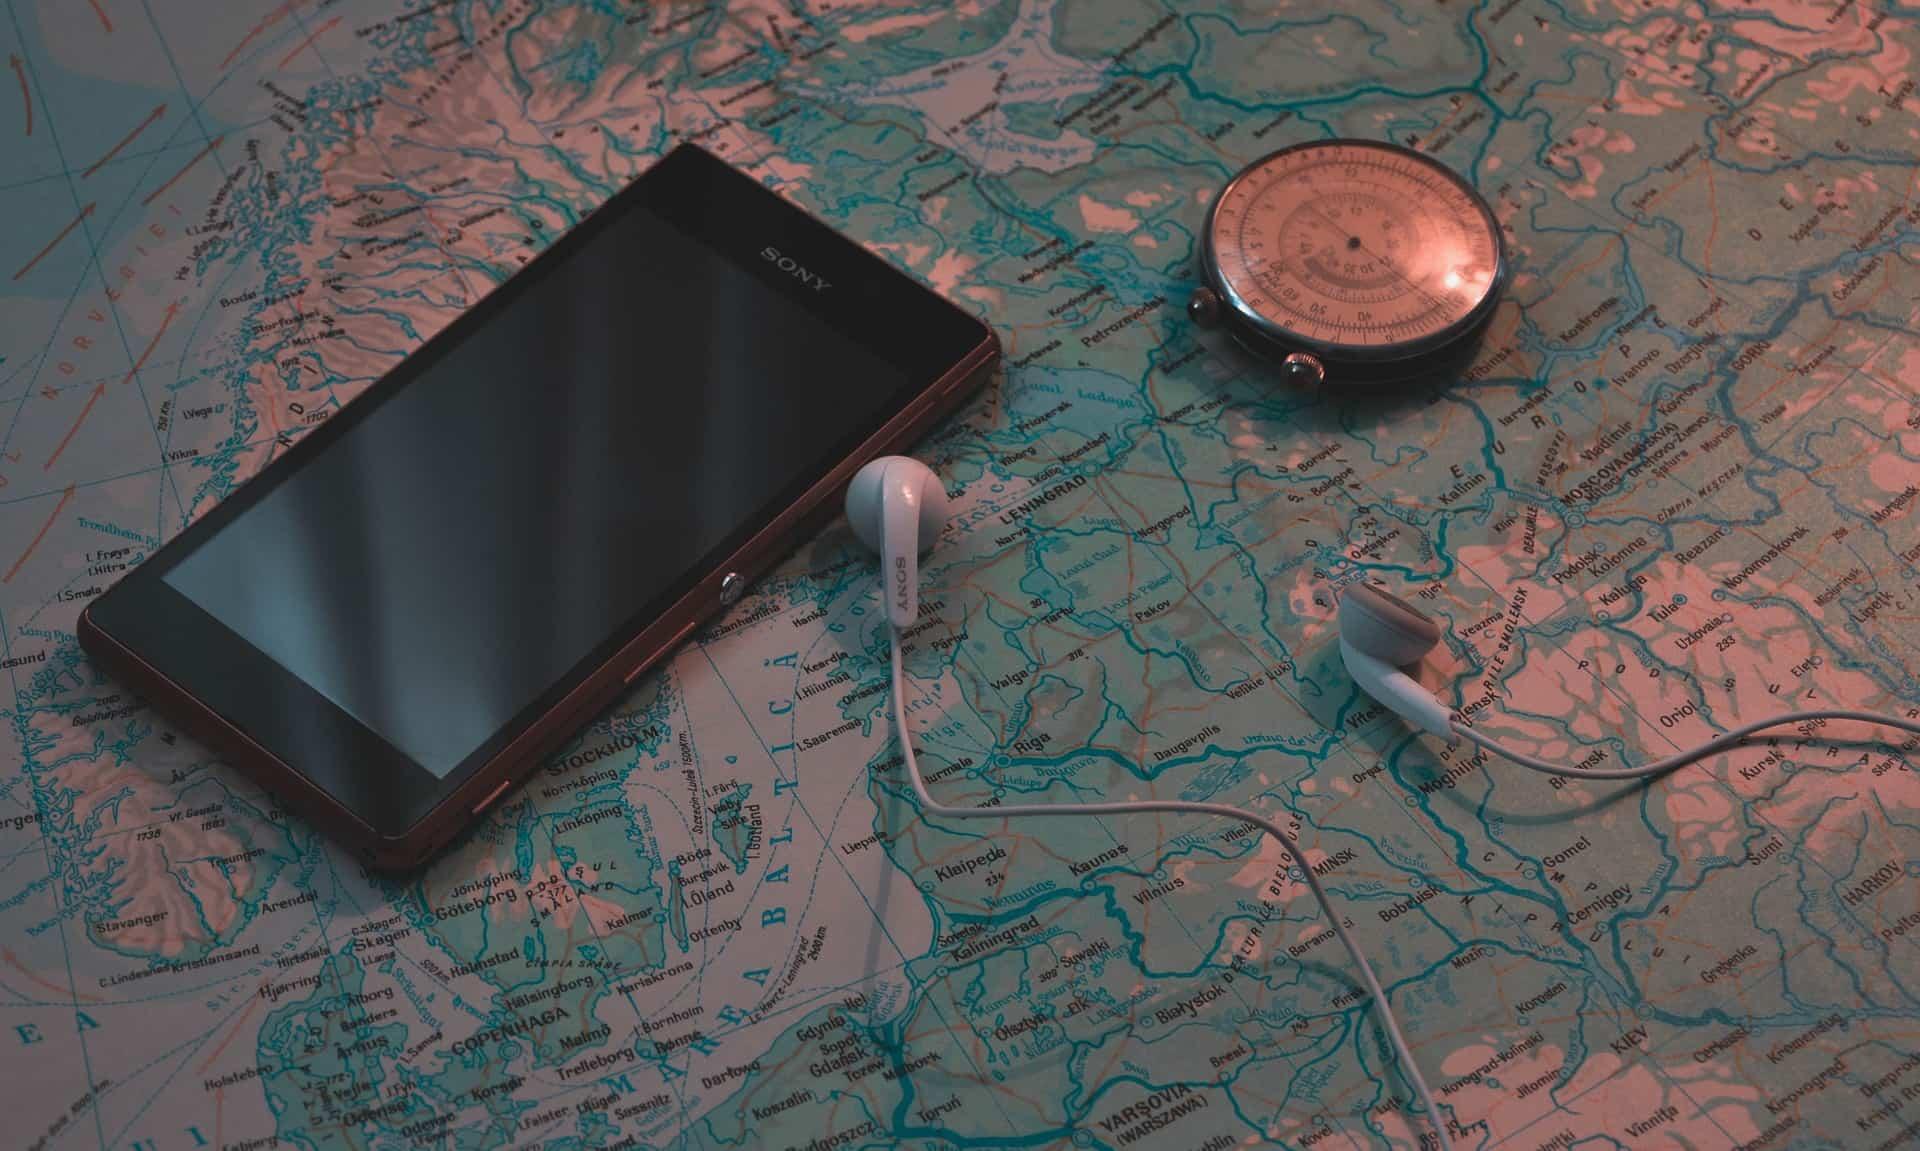 Imagem mostra um celular Sony preto e um fone de ouvido branco em cima de um mapa mundi.